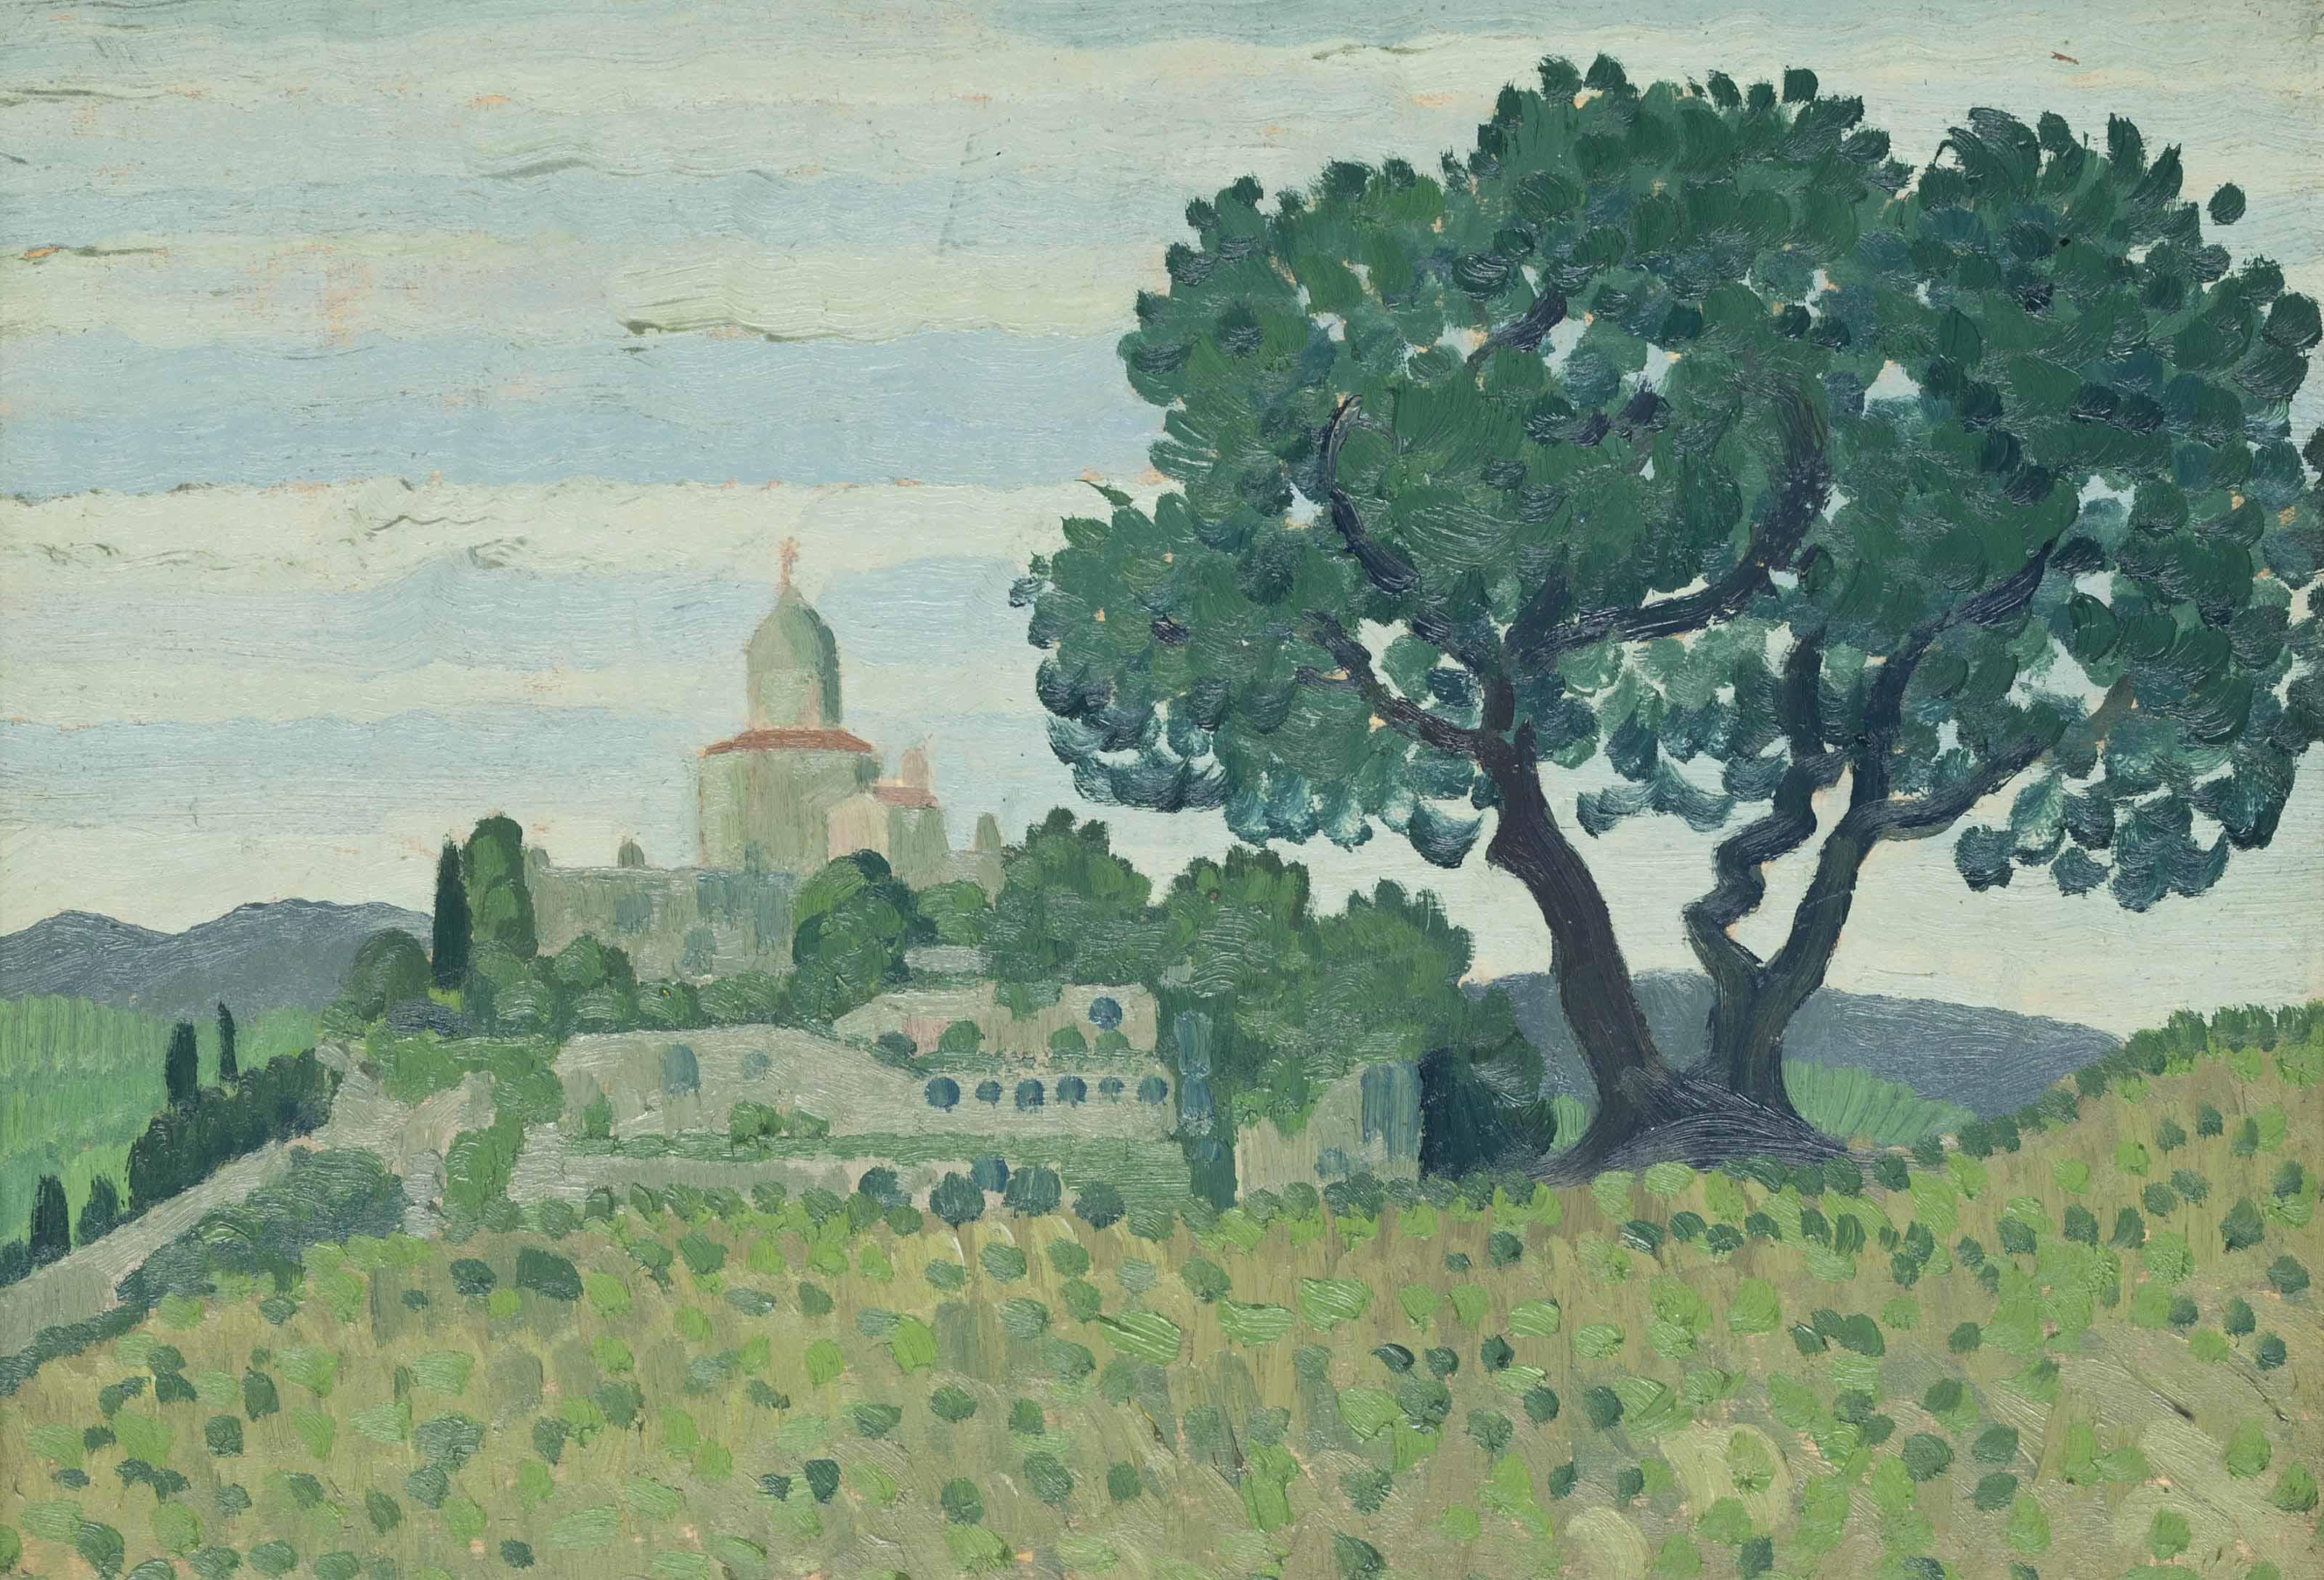 Church in a Landscape